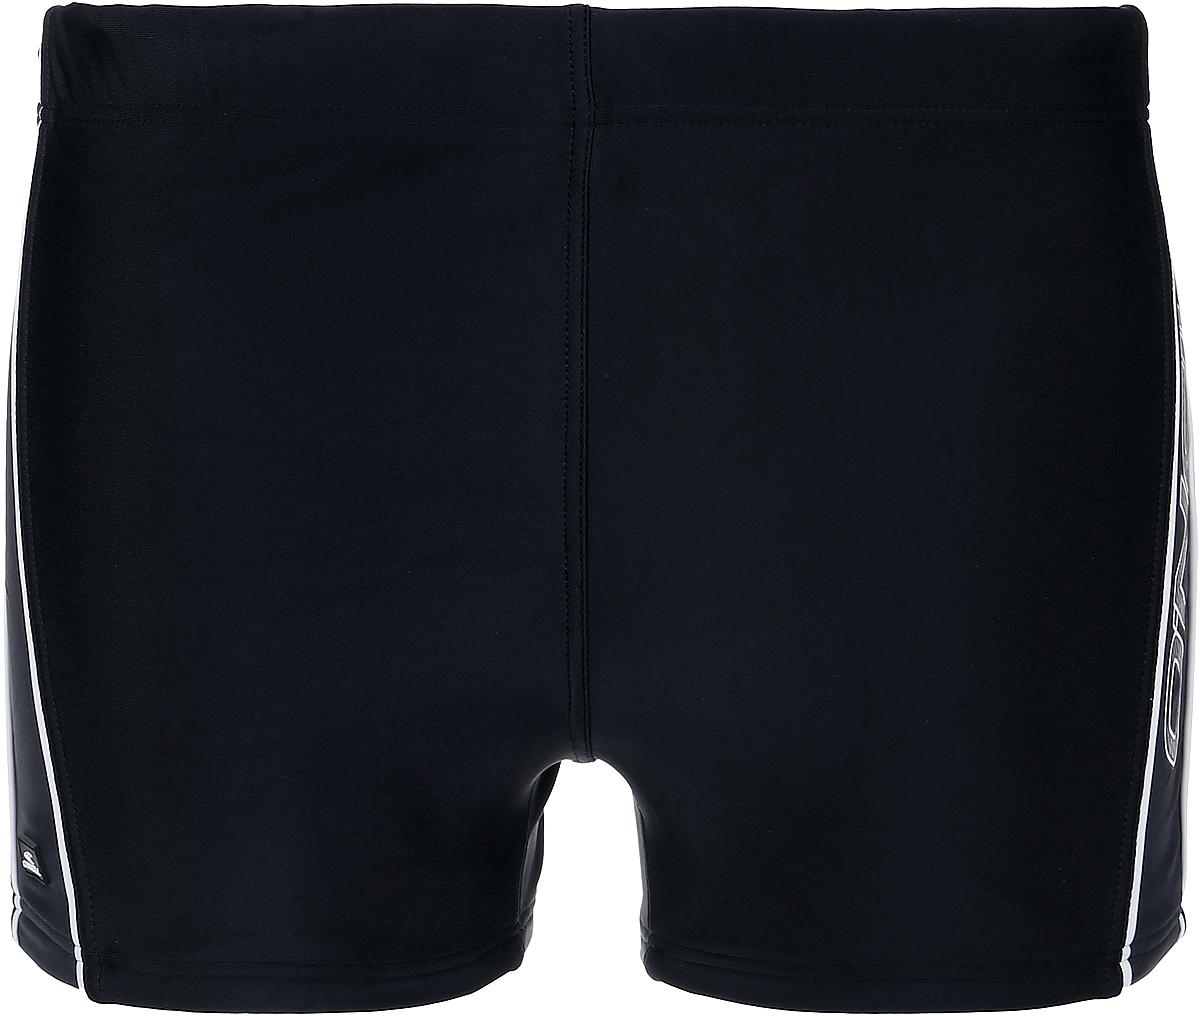 Плавки мужские ONeill Pm Insert Tights, цвет: черный. 7A3418-9010. Размер S (46/48)7A3418-9010Мужские плавки-шорты ONeill, изготовленные из эластичного полиамида, быстро сохнут и сохраняют первоначальный вид и форму даже при длительном использовании. Модель с удобной посадкой, плоскими швами и широкой резинкой на талии обеспечит наибольший комфорт. По бокам плавки дополнены цветными вставками с логотипом бренда.